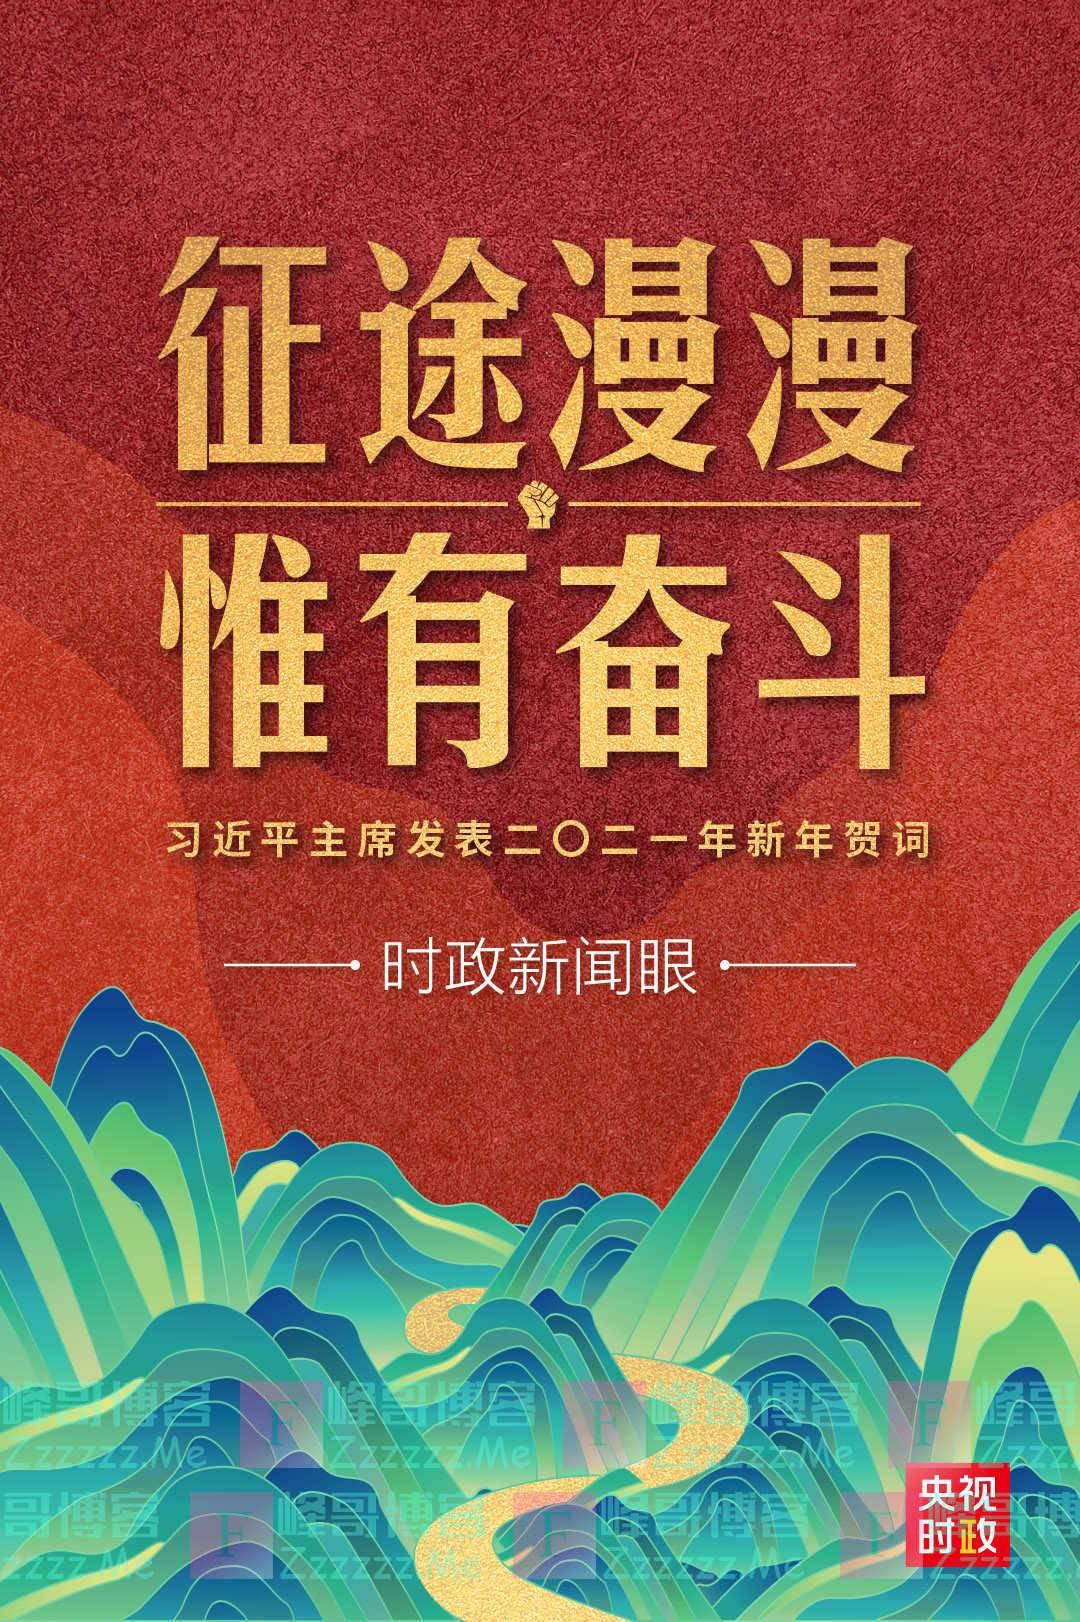 习主席新年贺词 致每个奋斗的中国人